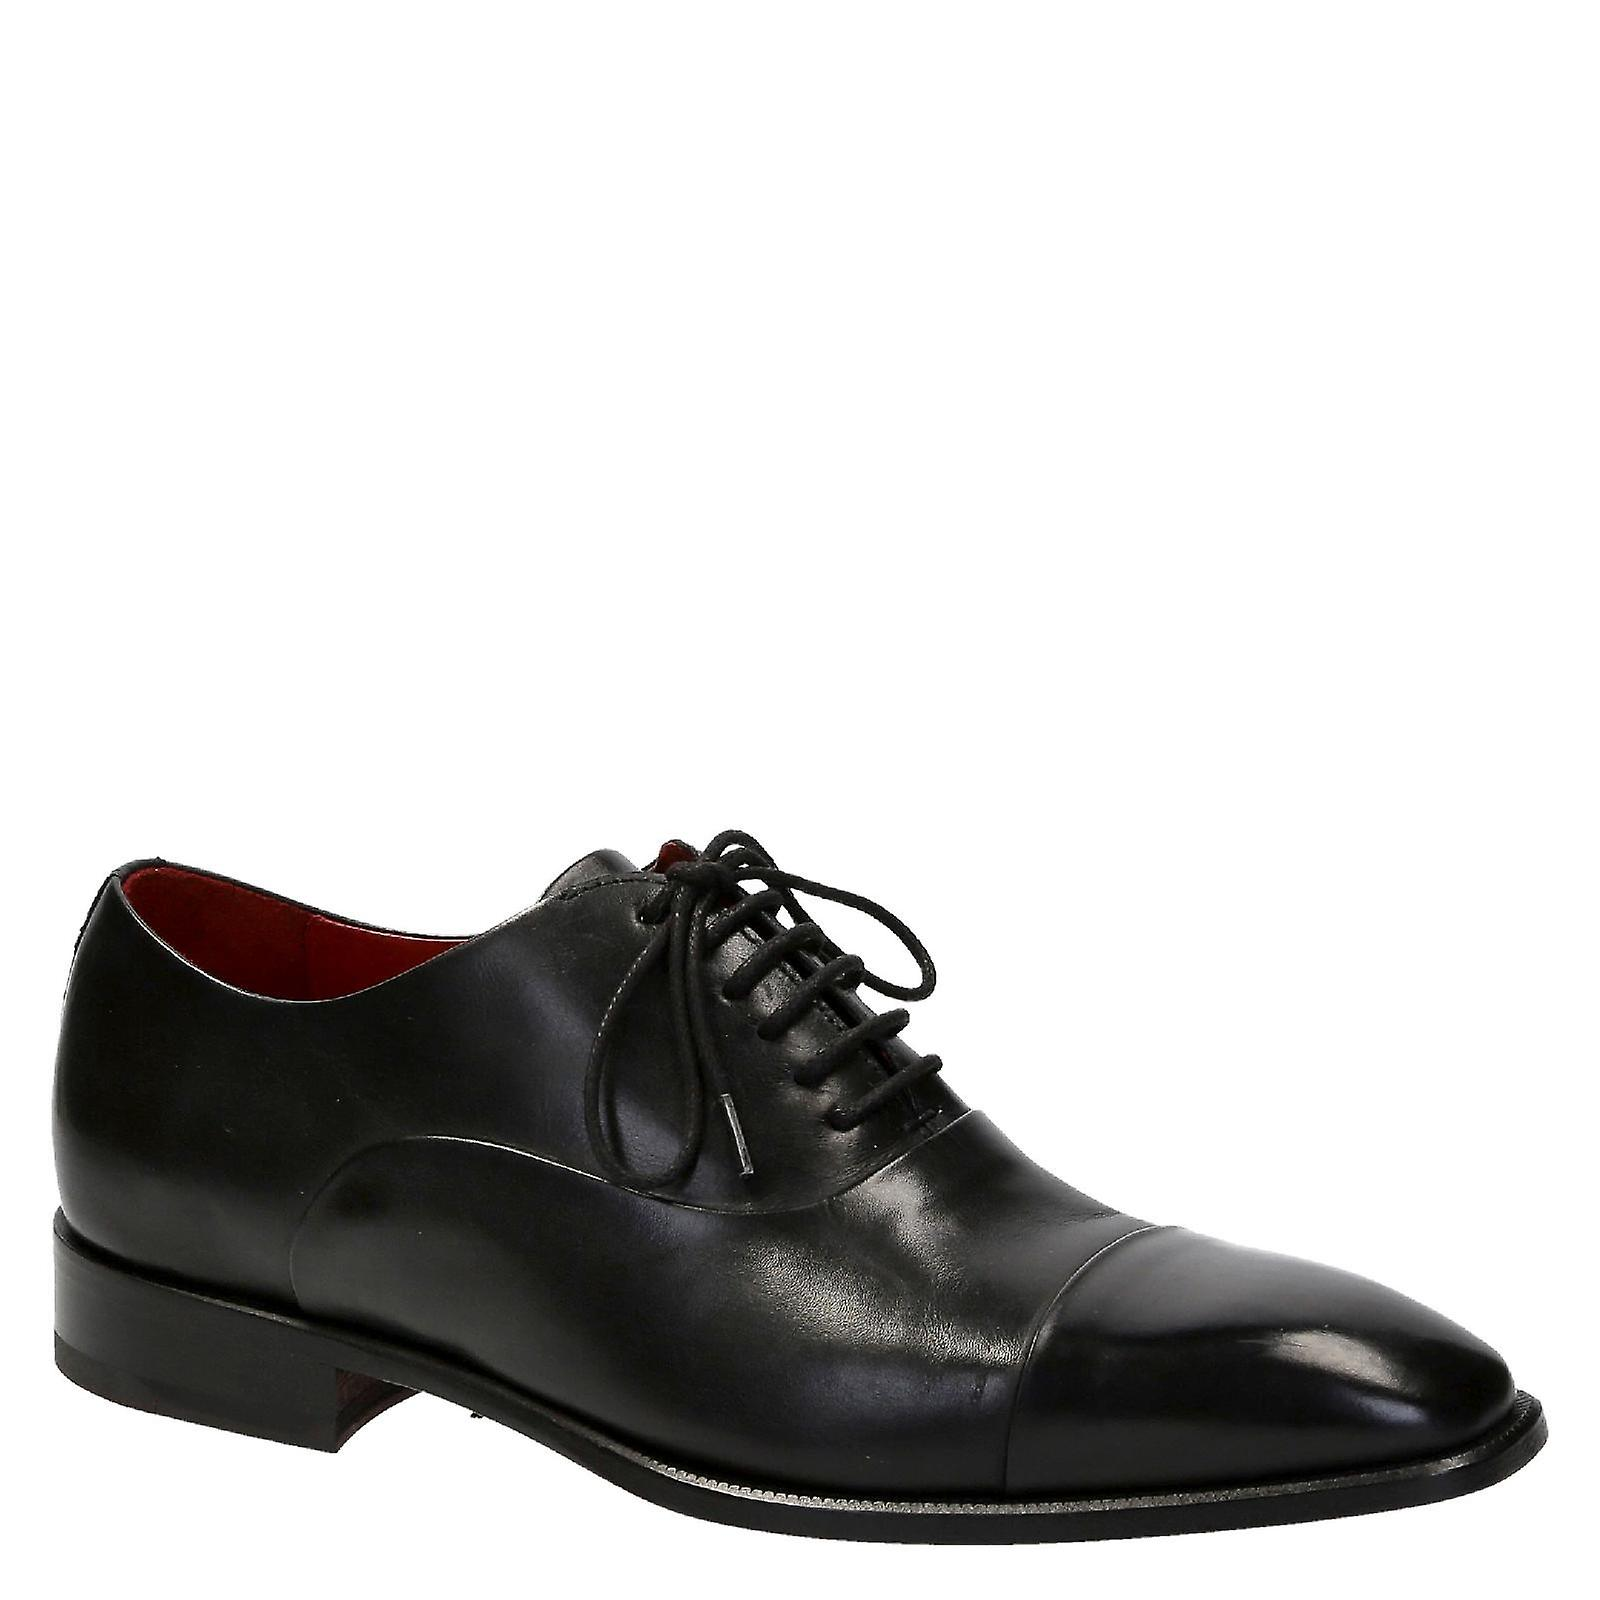 Lacets pour hommes cap toe chaussures en cuir de Couleur noire